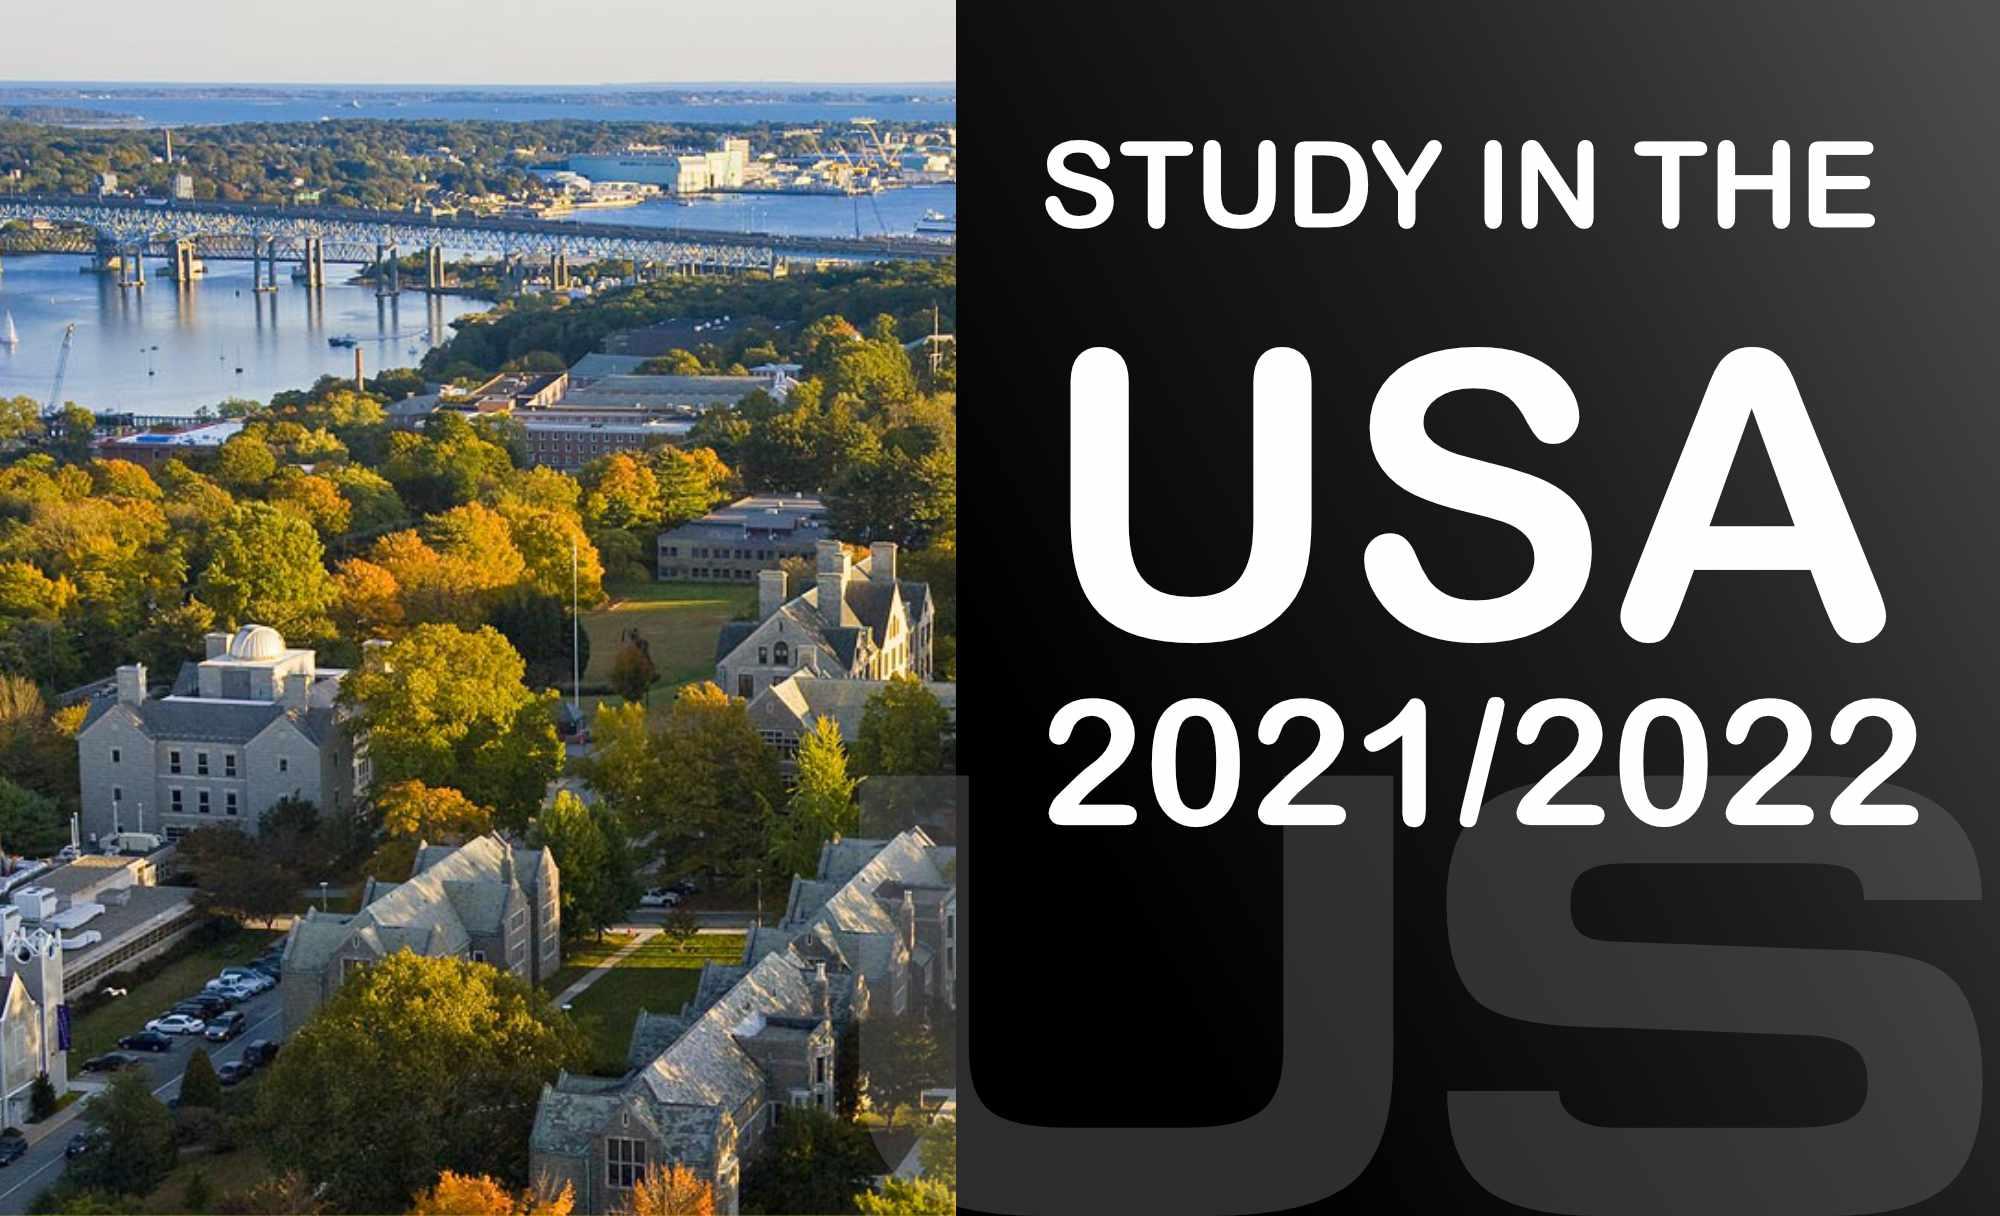 🇺🇸 USA 2021/2022